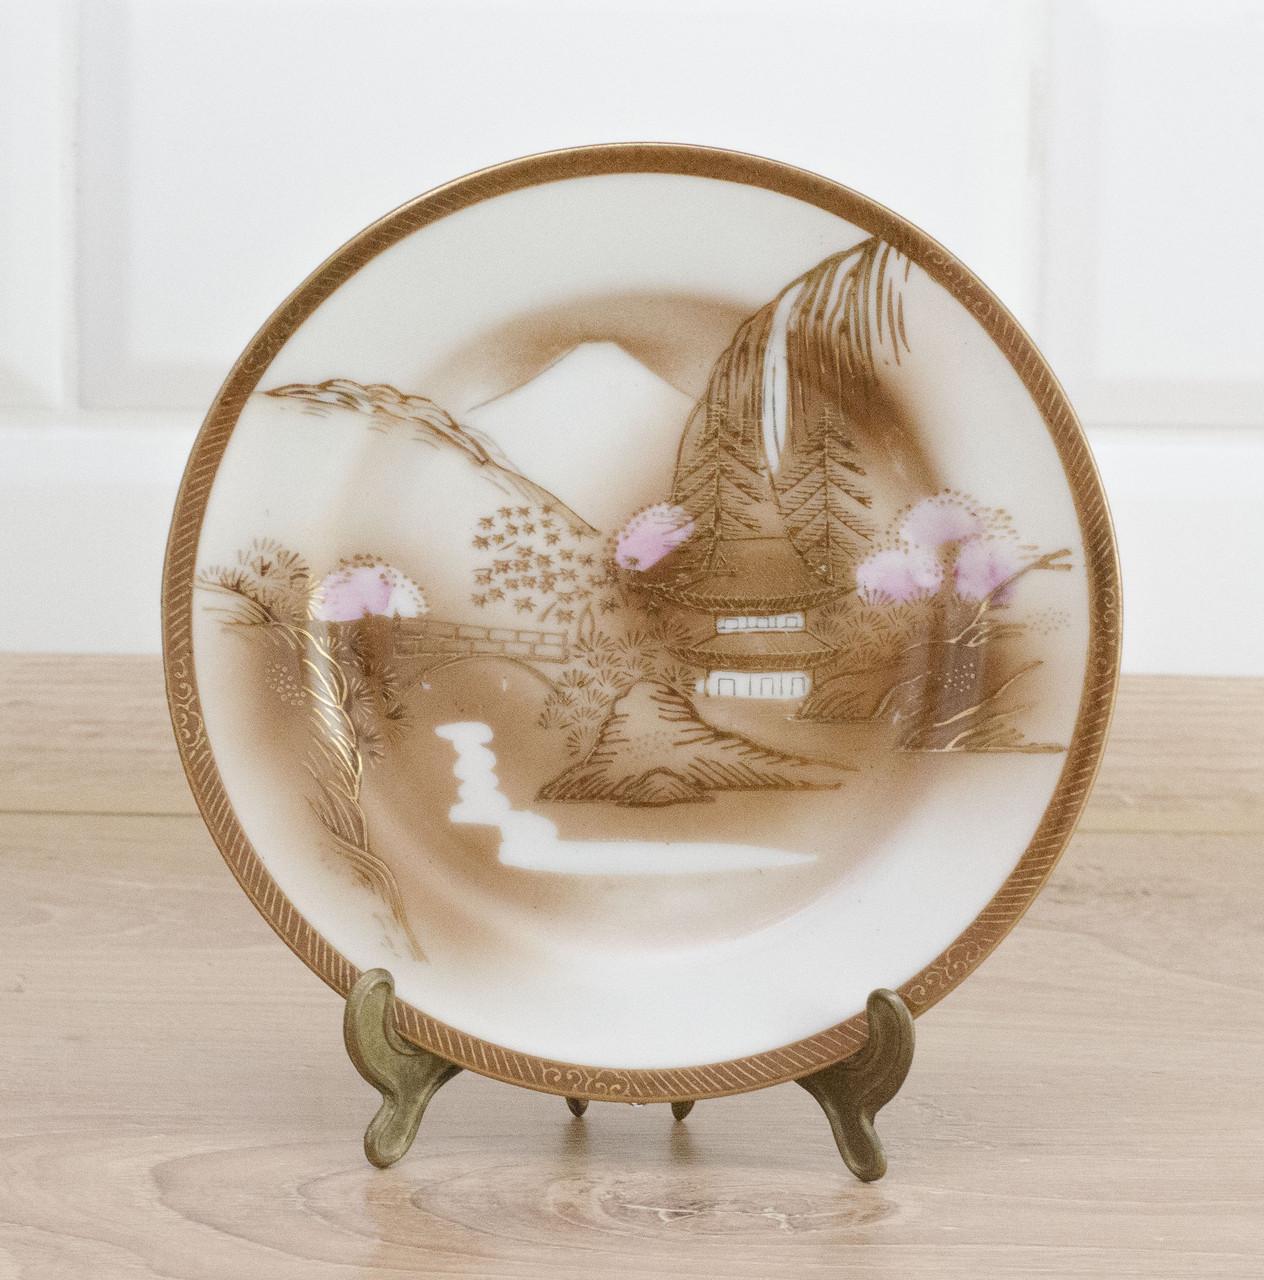 Тарелка коллекционная, фарфор, Япония, 1940 е